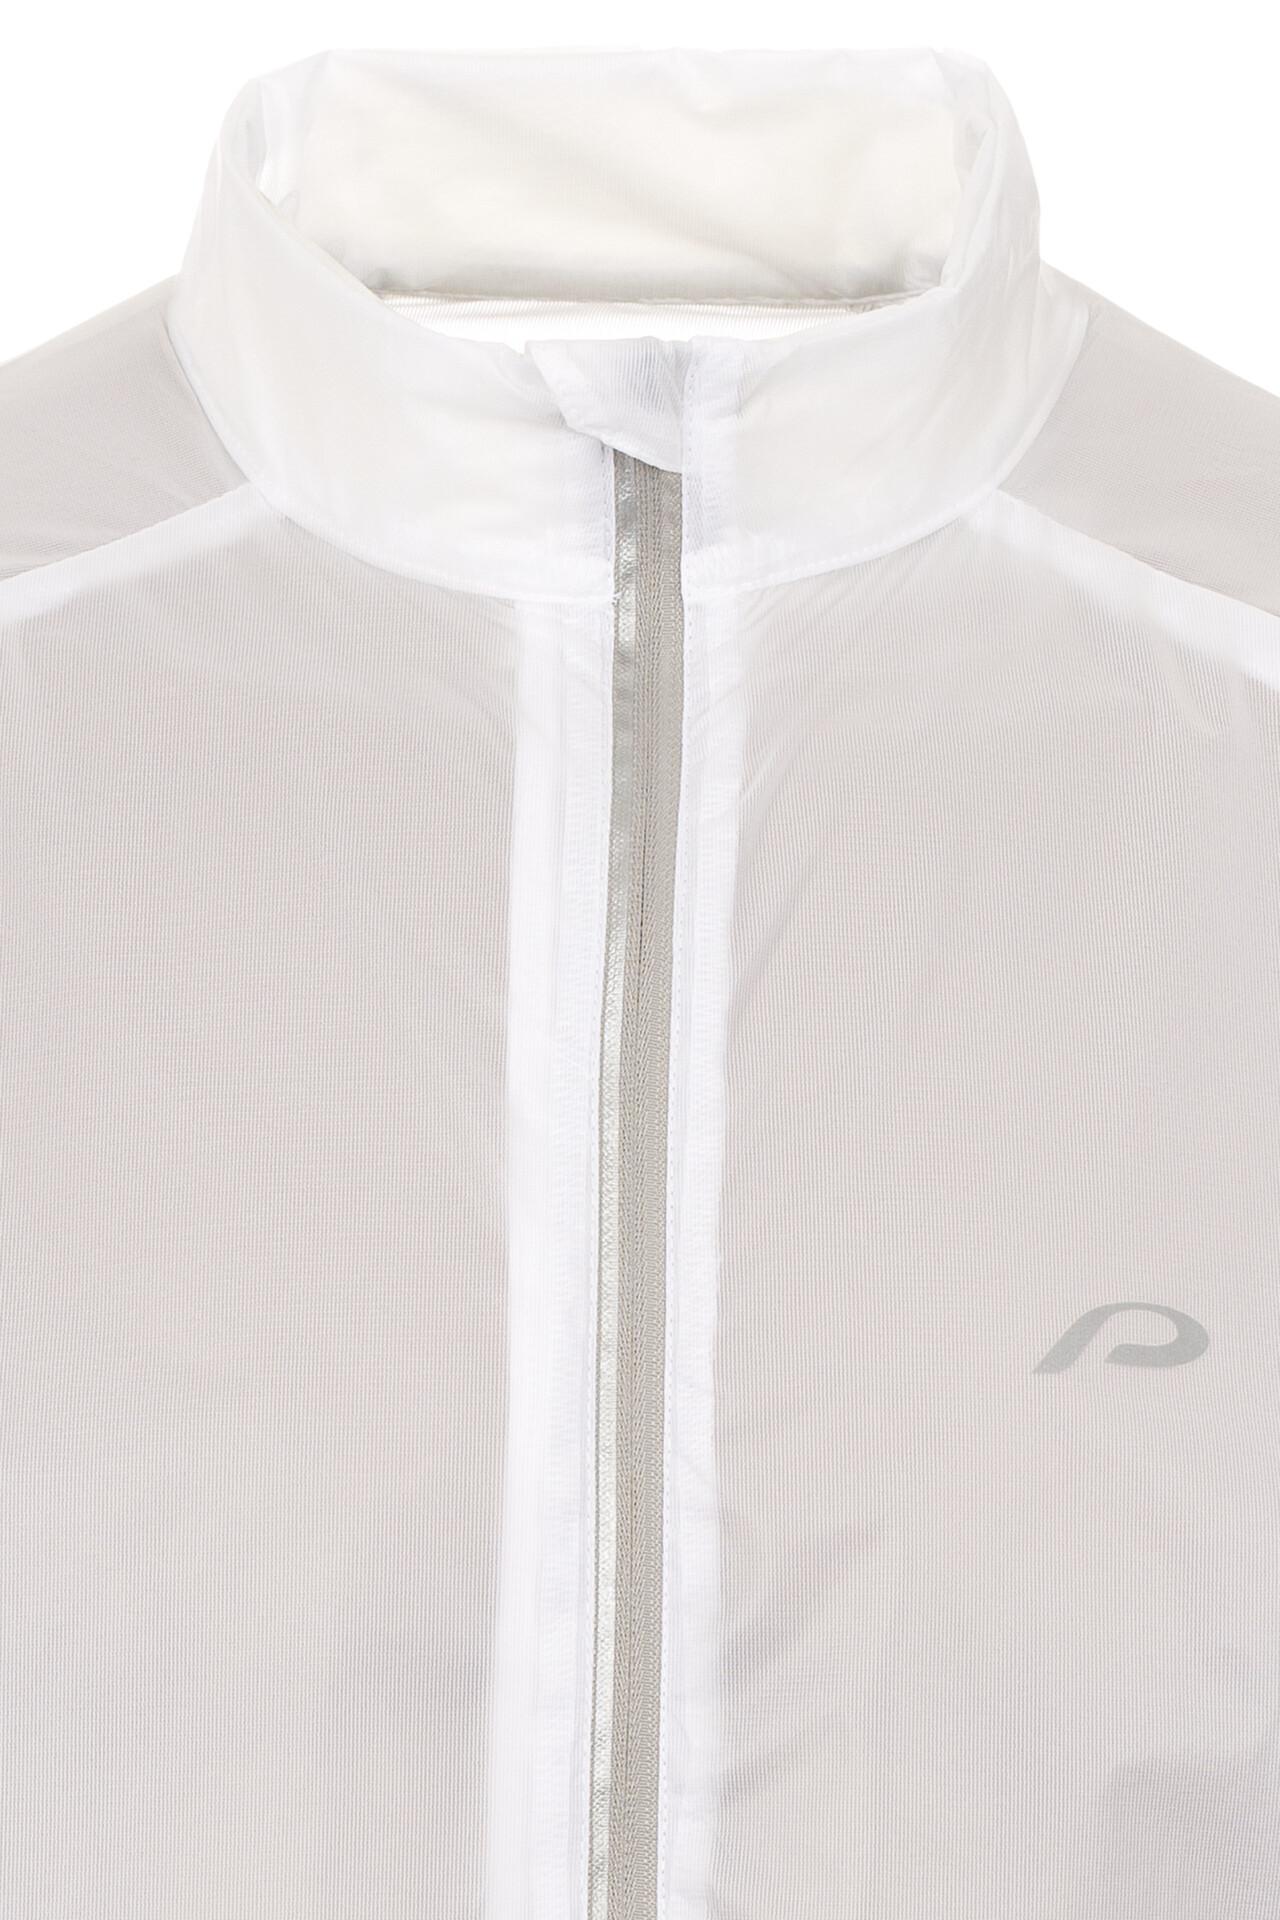 De Boutique Blanctransparent Veste Raincover Homme Protective aP0Xqx